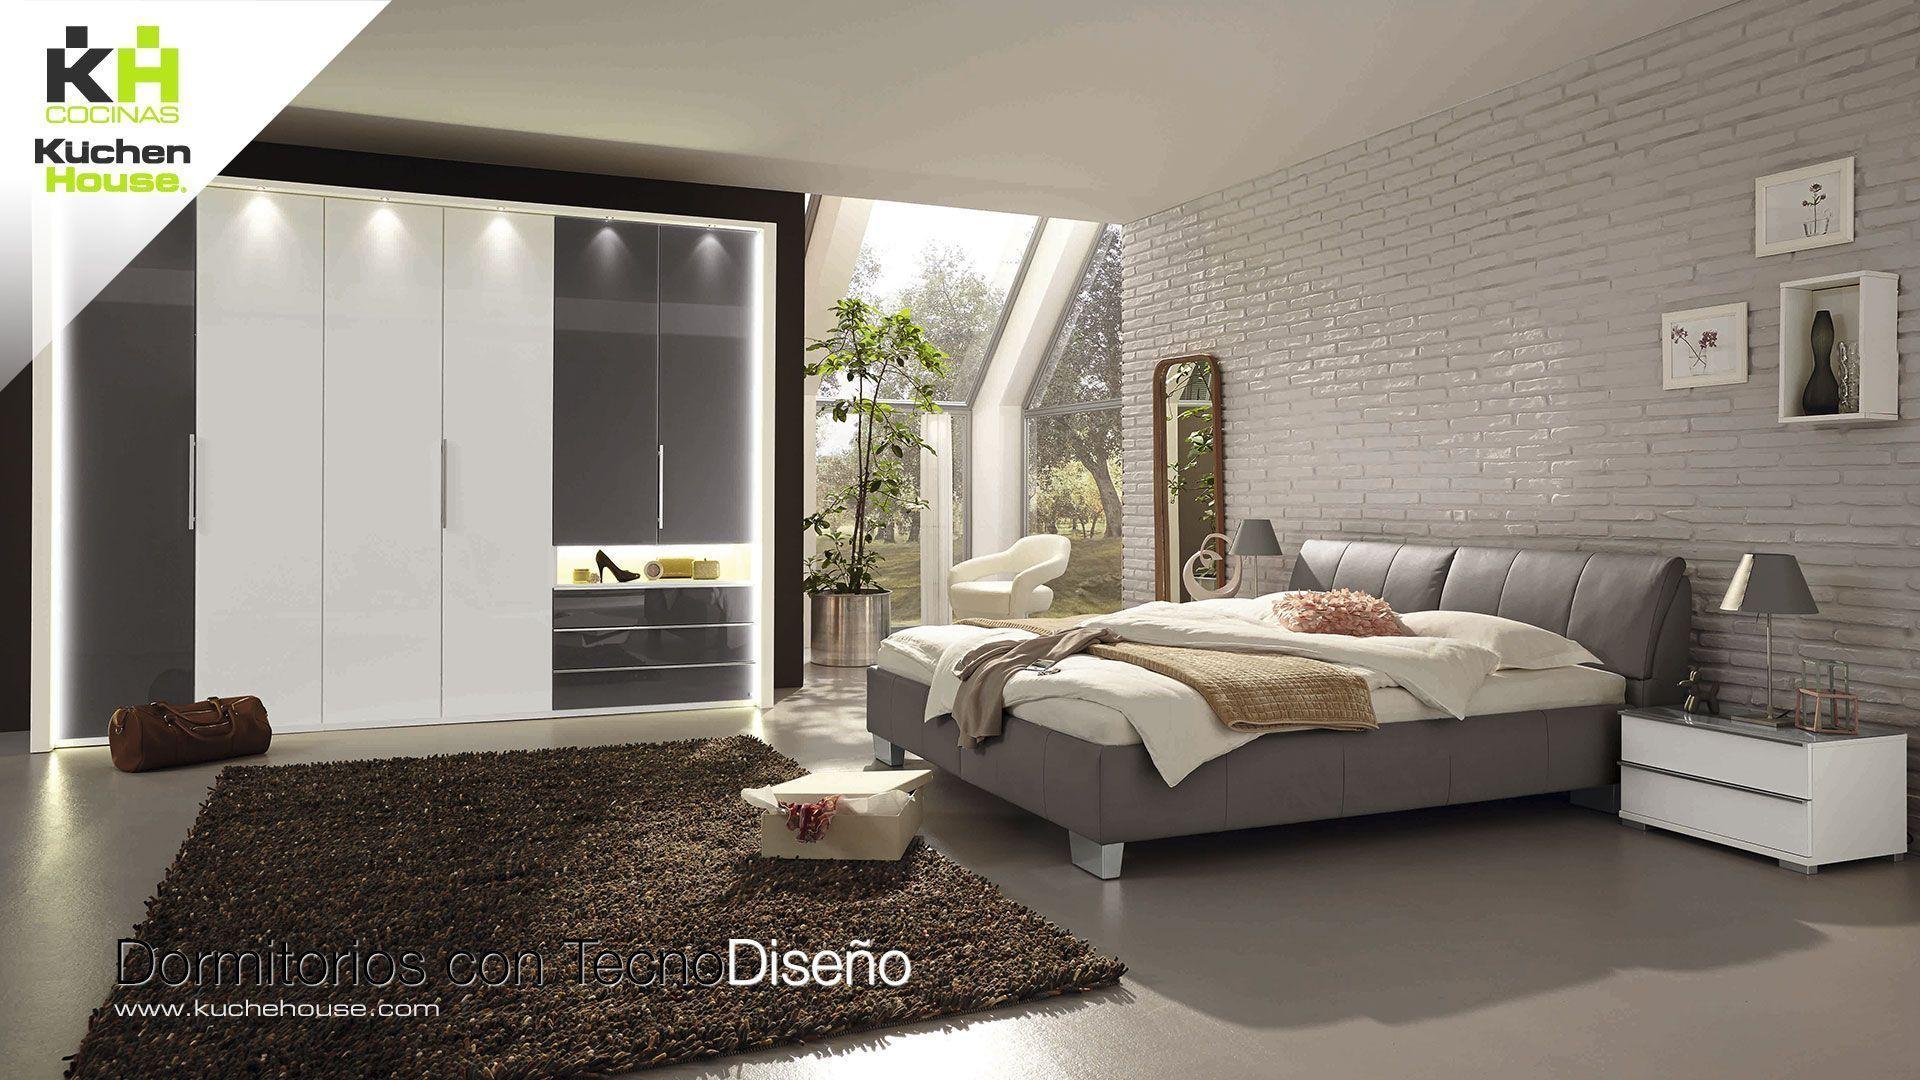 Dormitorios y Armarios Kuchen House - Cocinas - Armarios - Hogar - Reformas